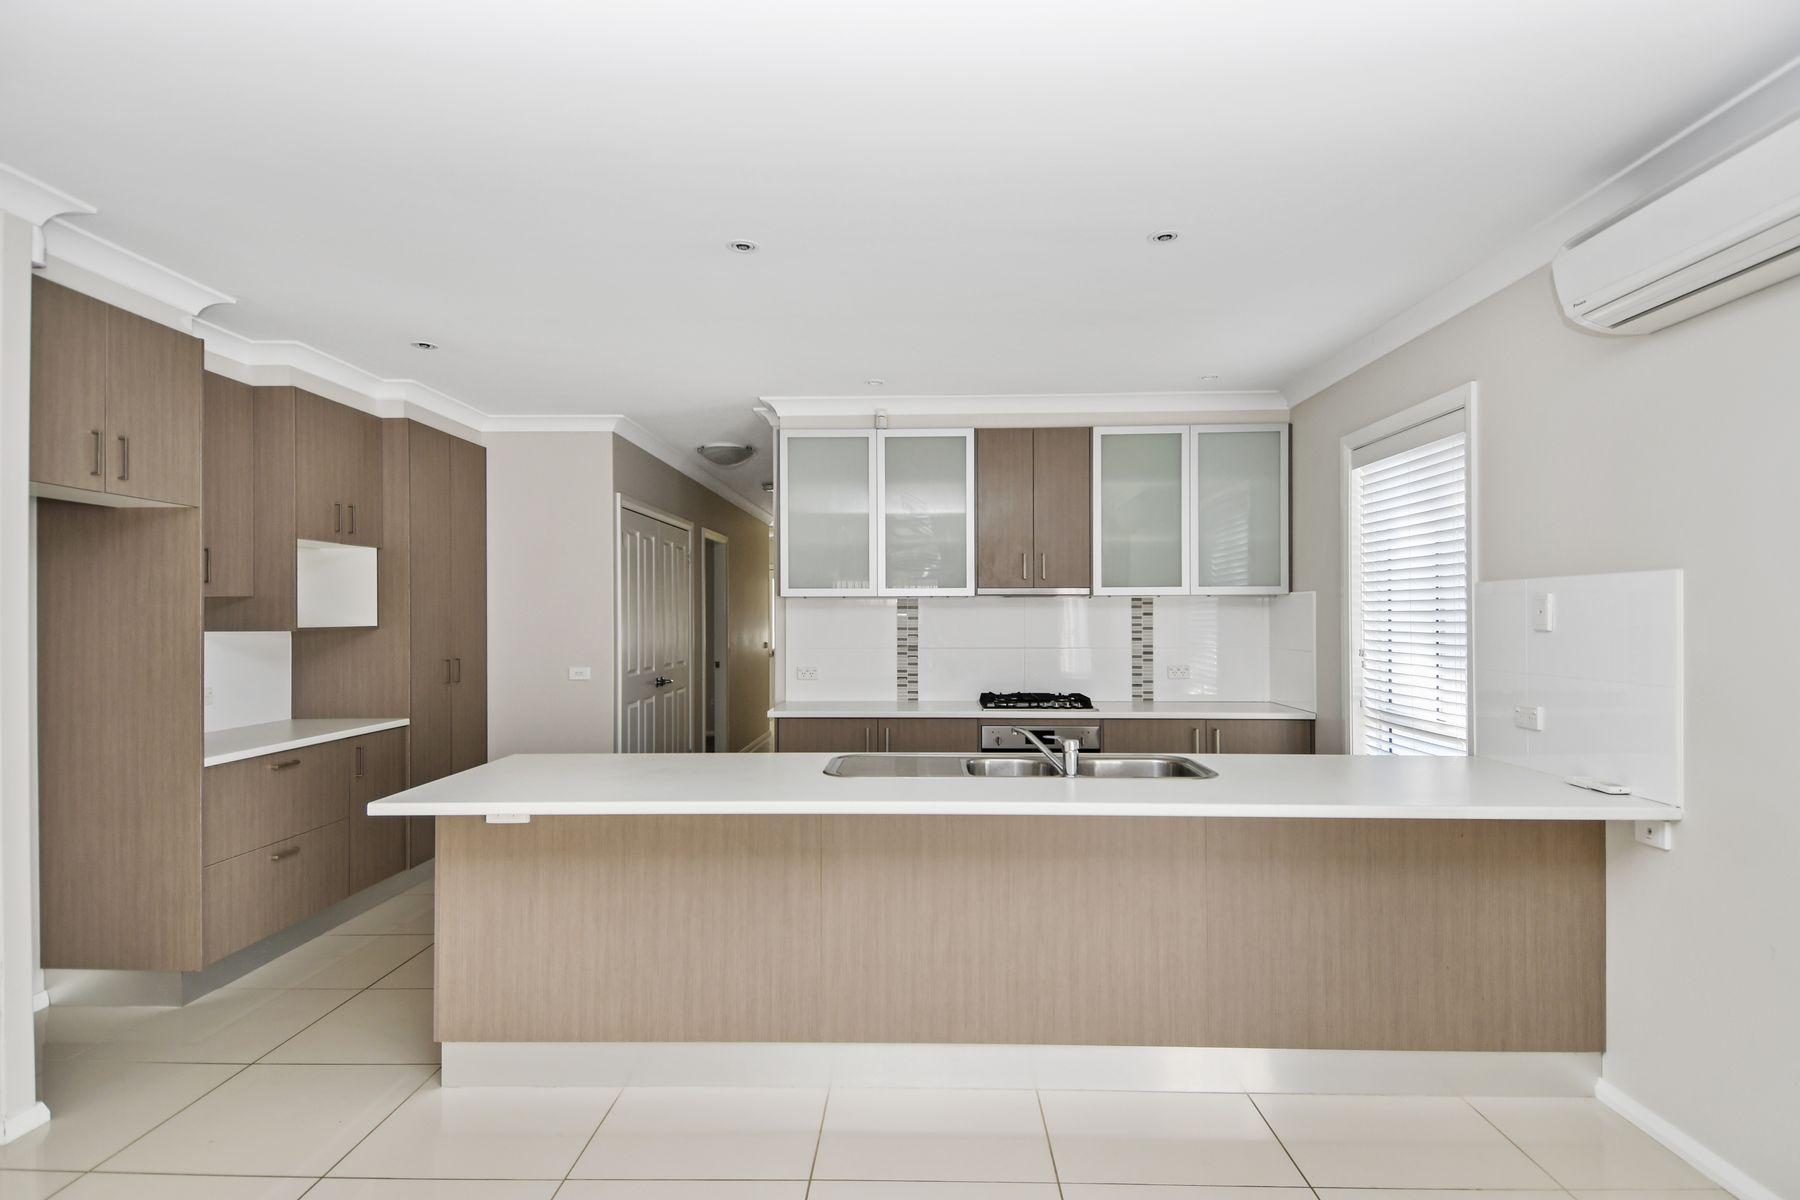 115 Morrisset Street, Bathurst, NSW 2795